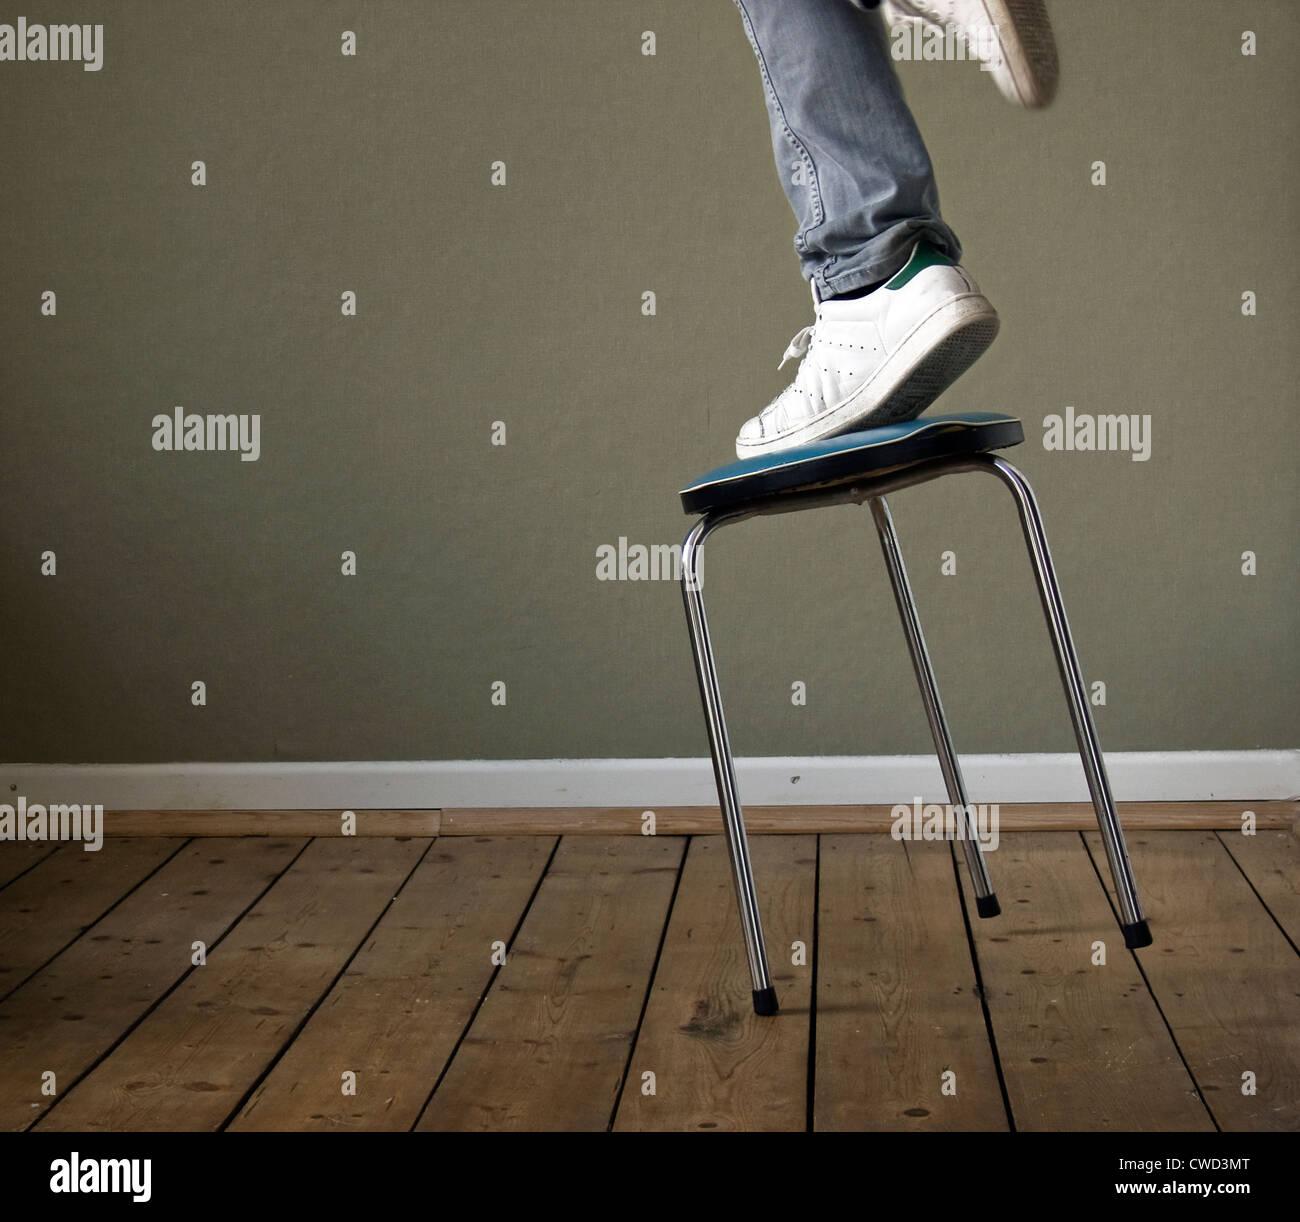 La vida doméstica,accidentes,equilibrio,otoño Imagen De Stock